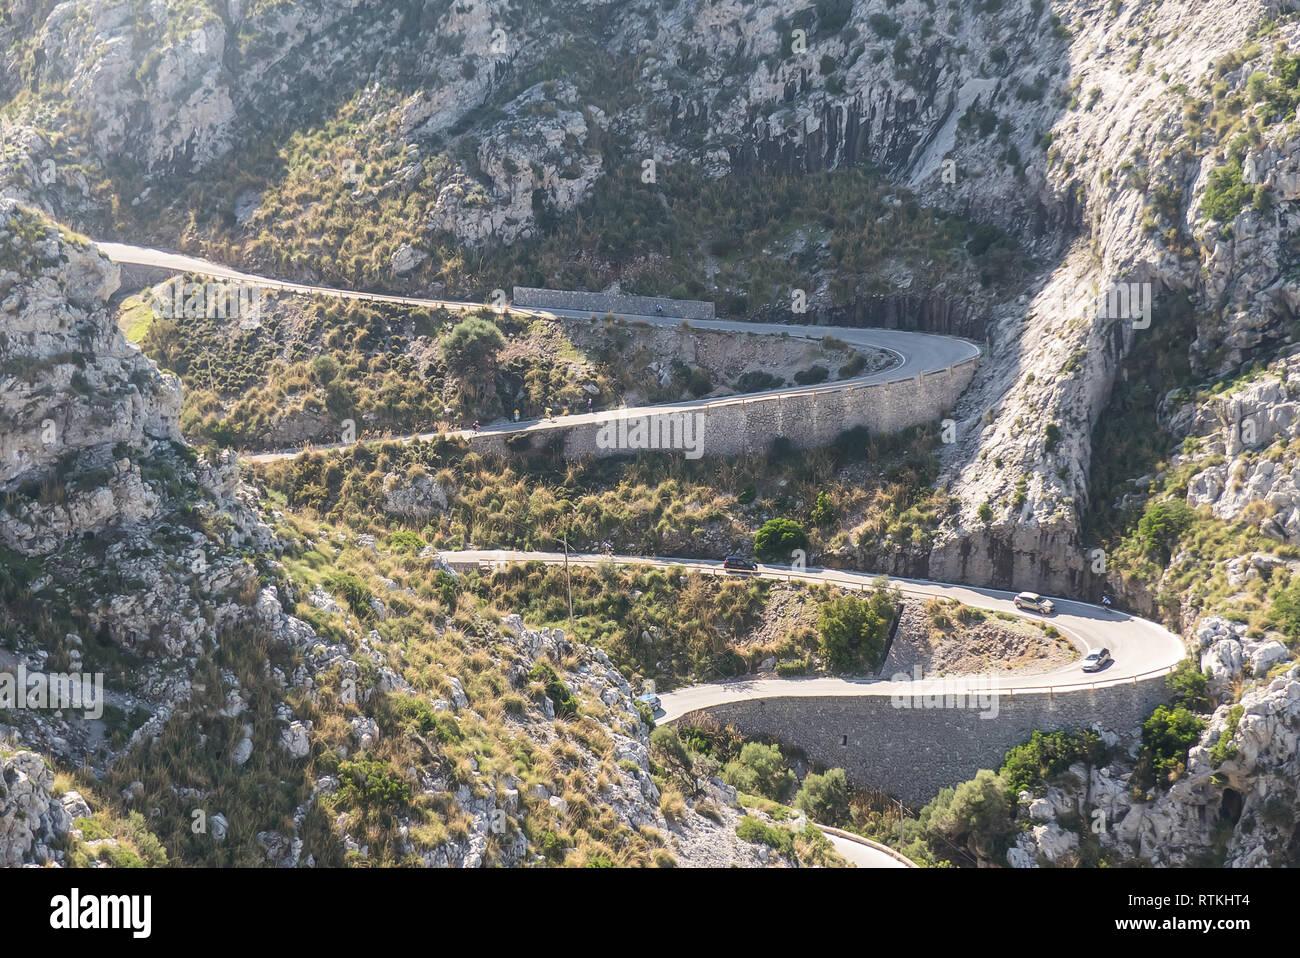 Majorca: the Carretera de Sa Calobra (Pass of the Snake/Knot of the Tie) - Stock Image